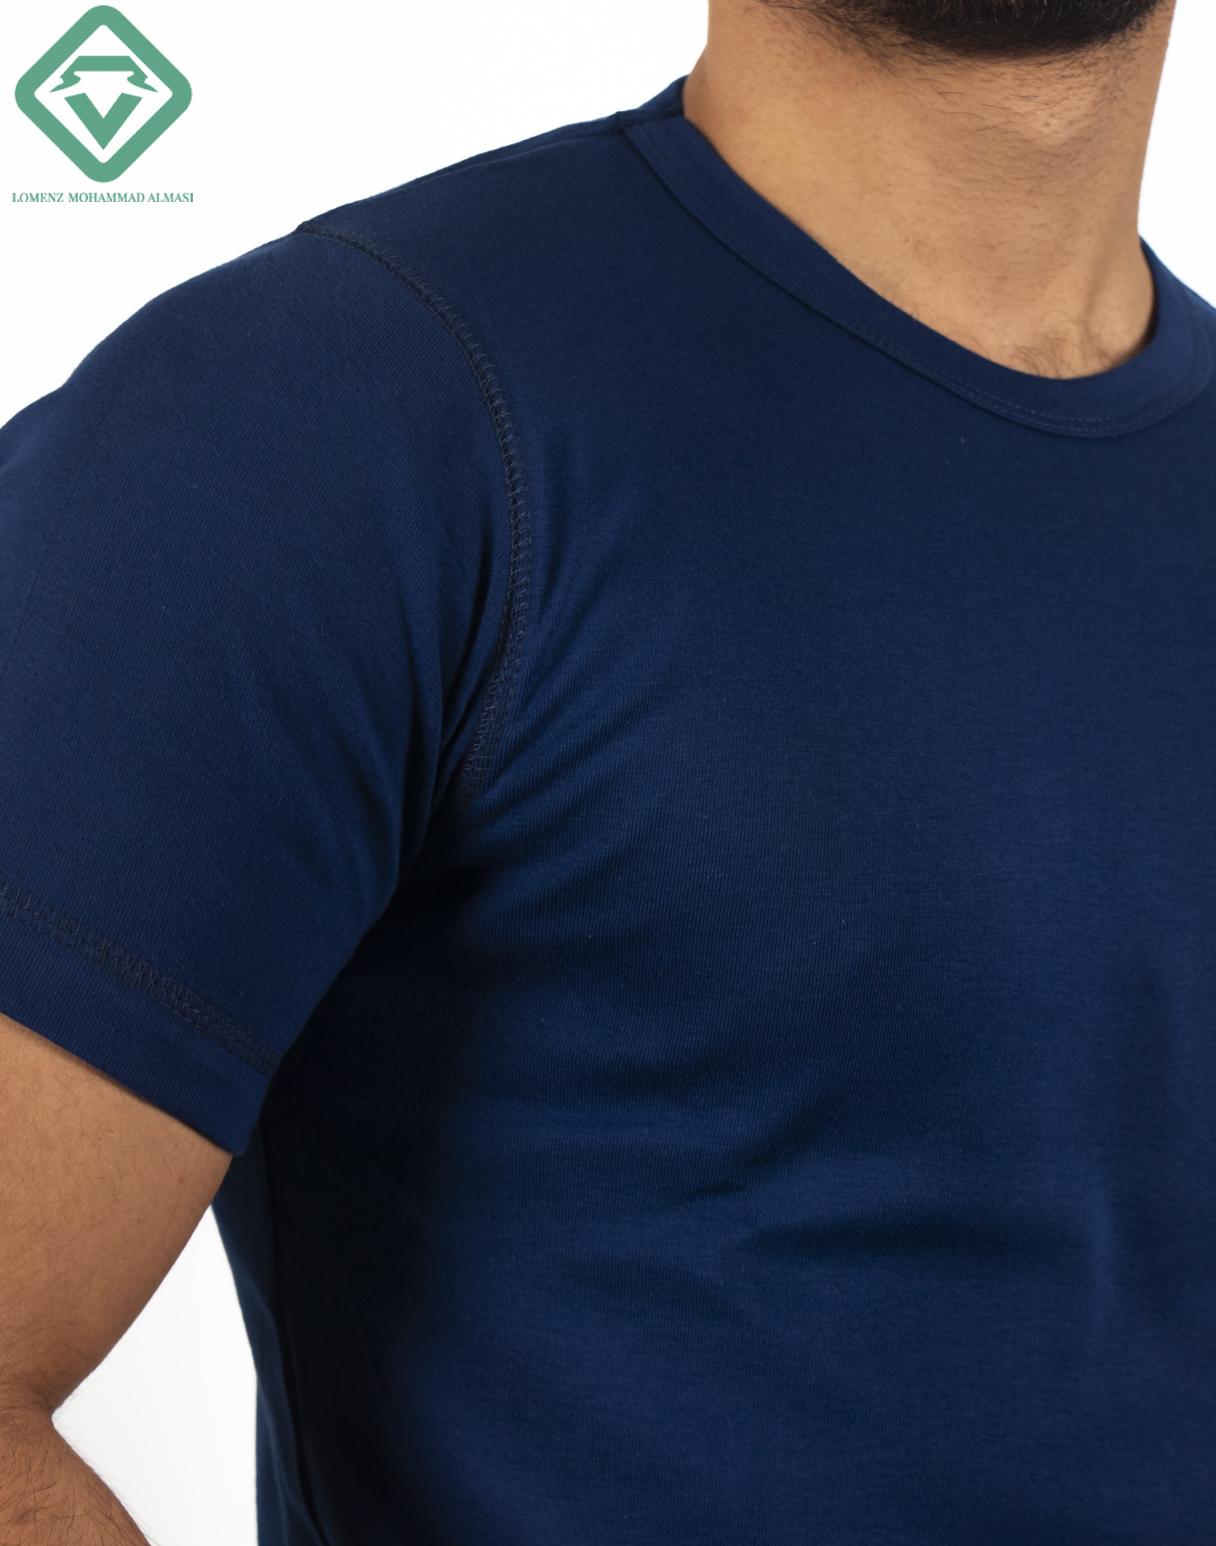 تیشرت تام تیلور از سایز S تا XXXL   فروشگاه لومنز